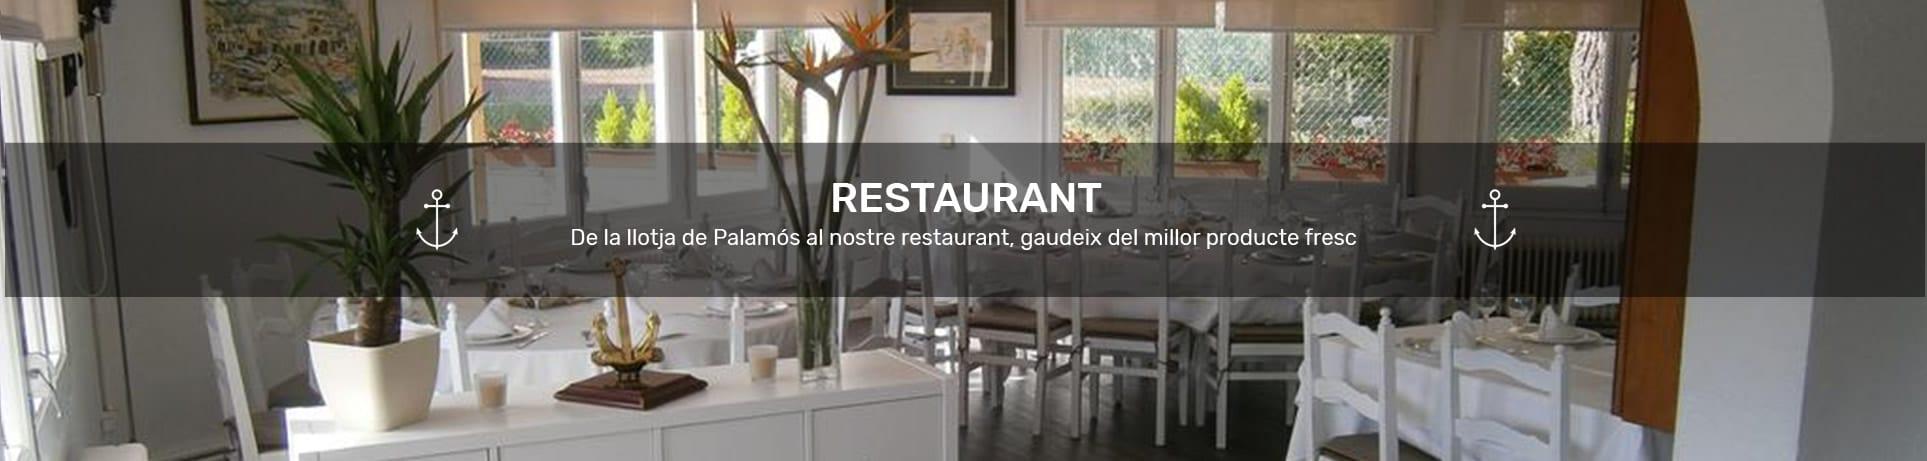 banner-restaurante